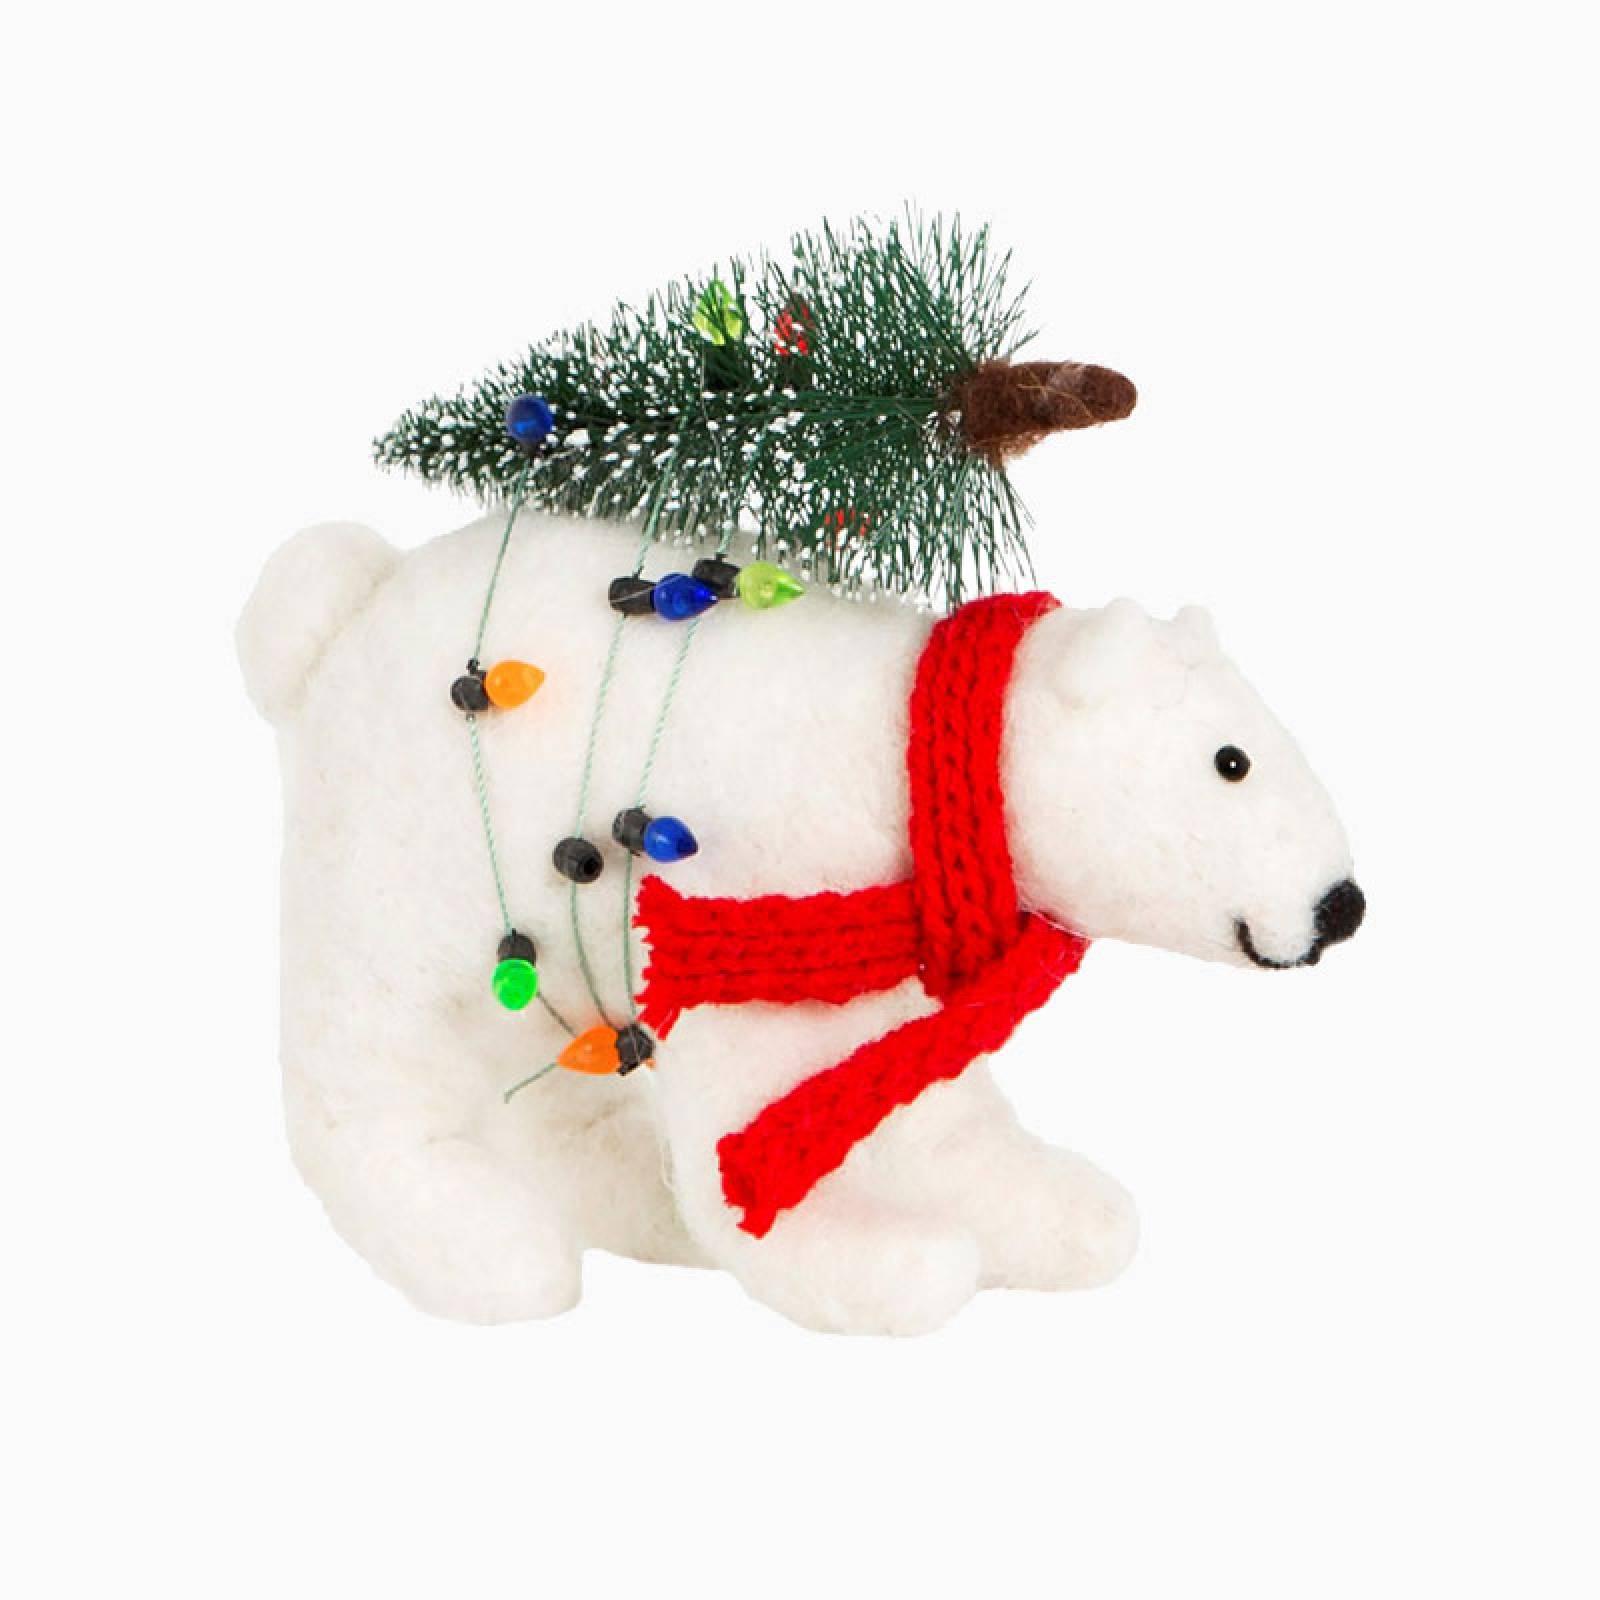 Polar Bear With Tree And Lights Felt Christmas Decoration